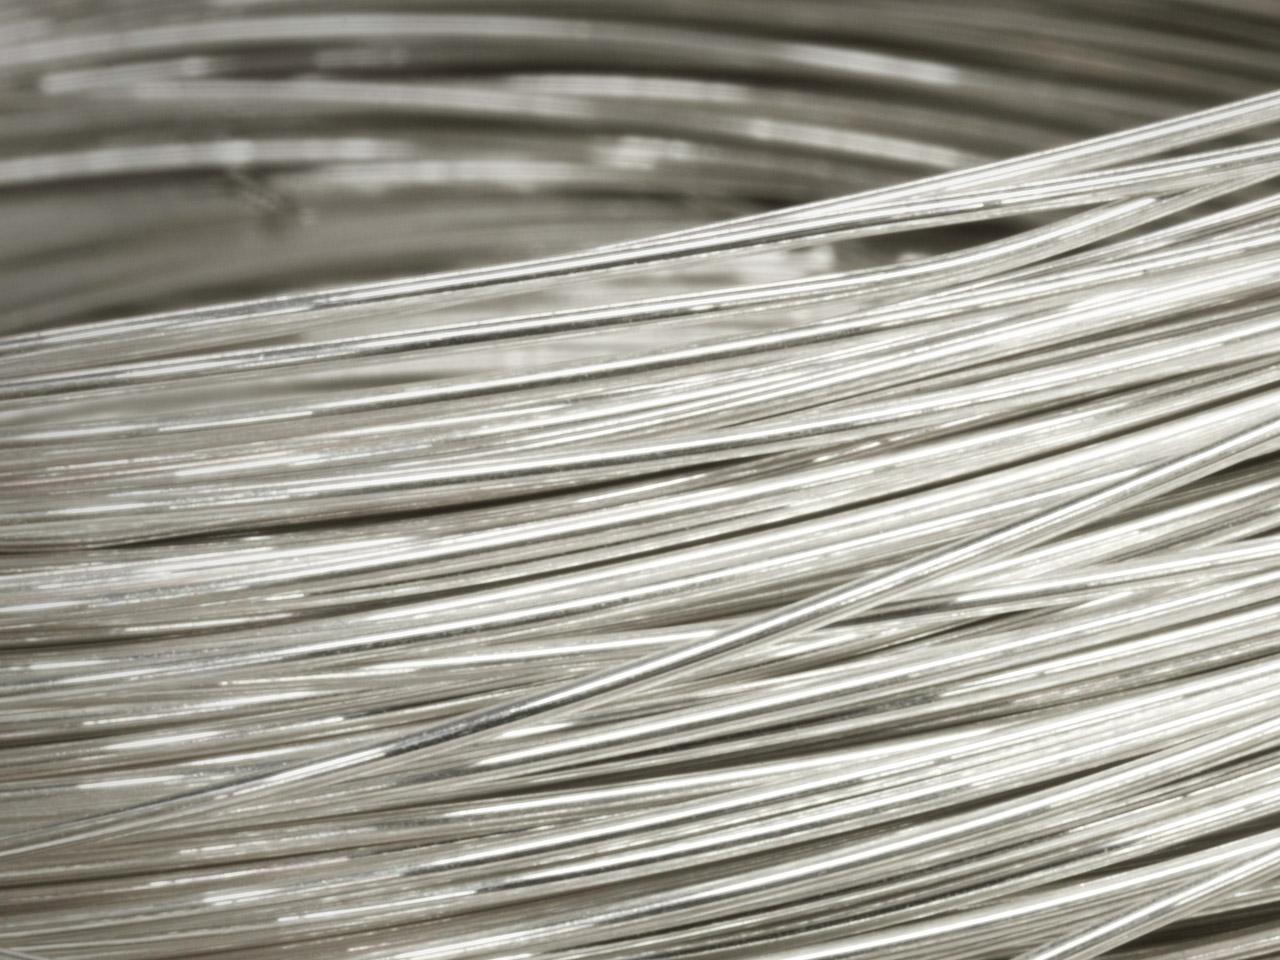 Gw Palladium Round Wire 0.80mm - cooksongold.com